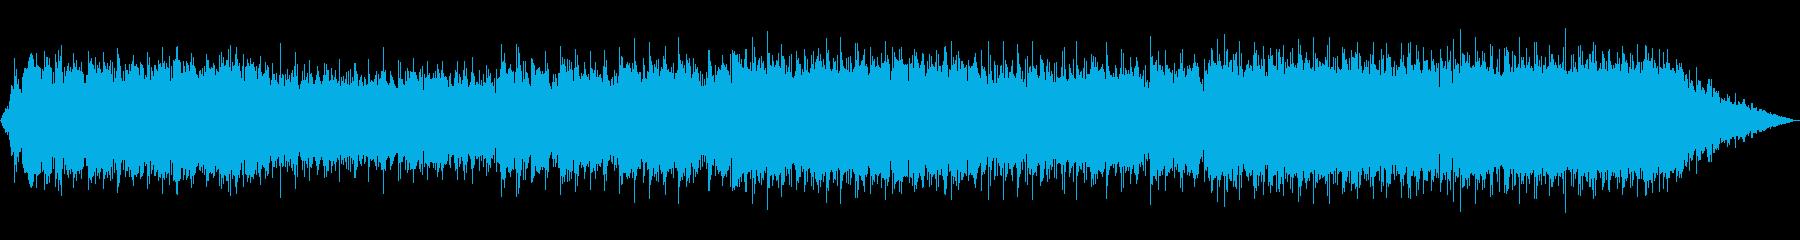 エスニックな笛の哀愁のあるBGMの再生済みの波形